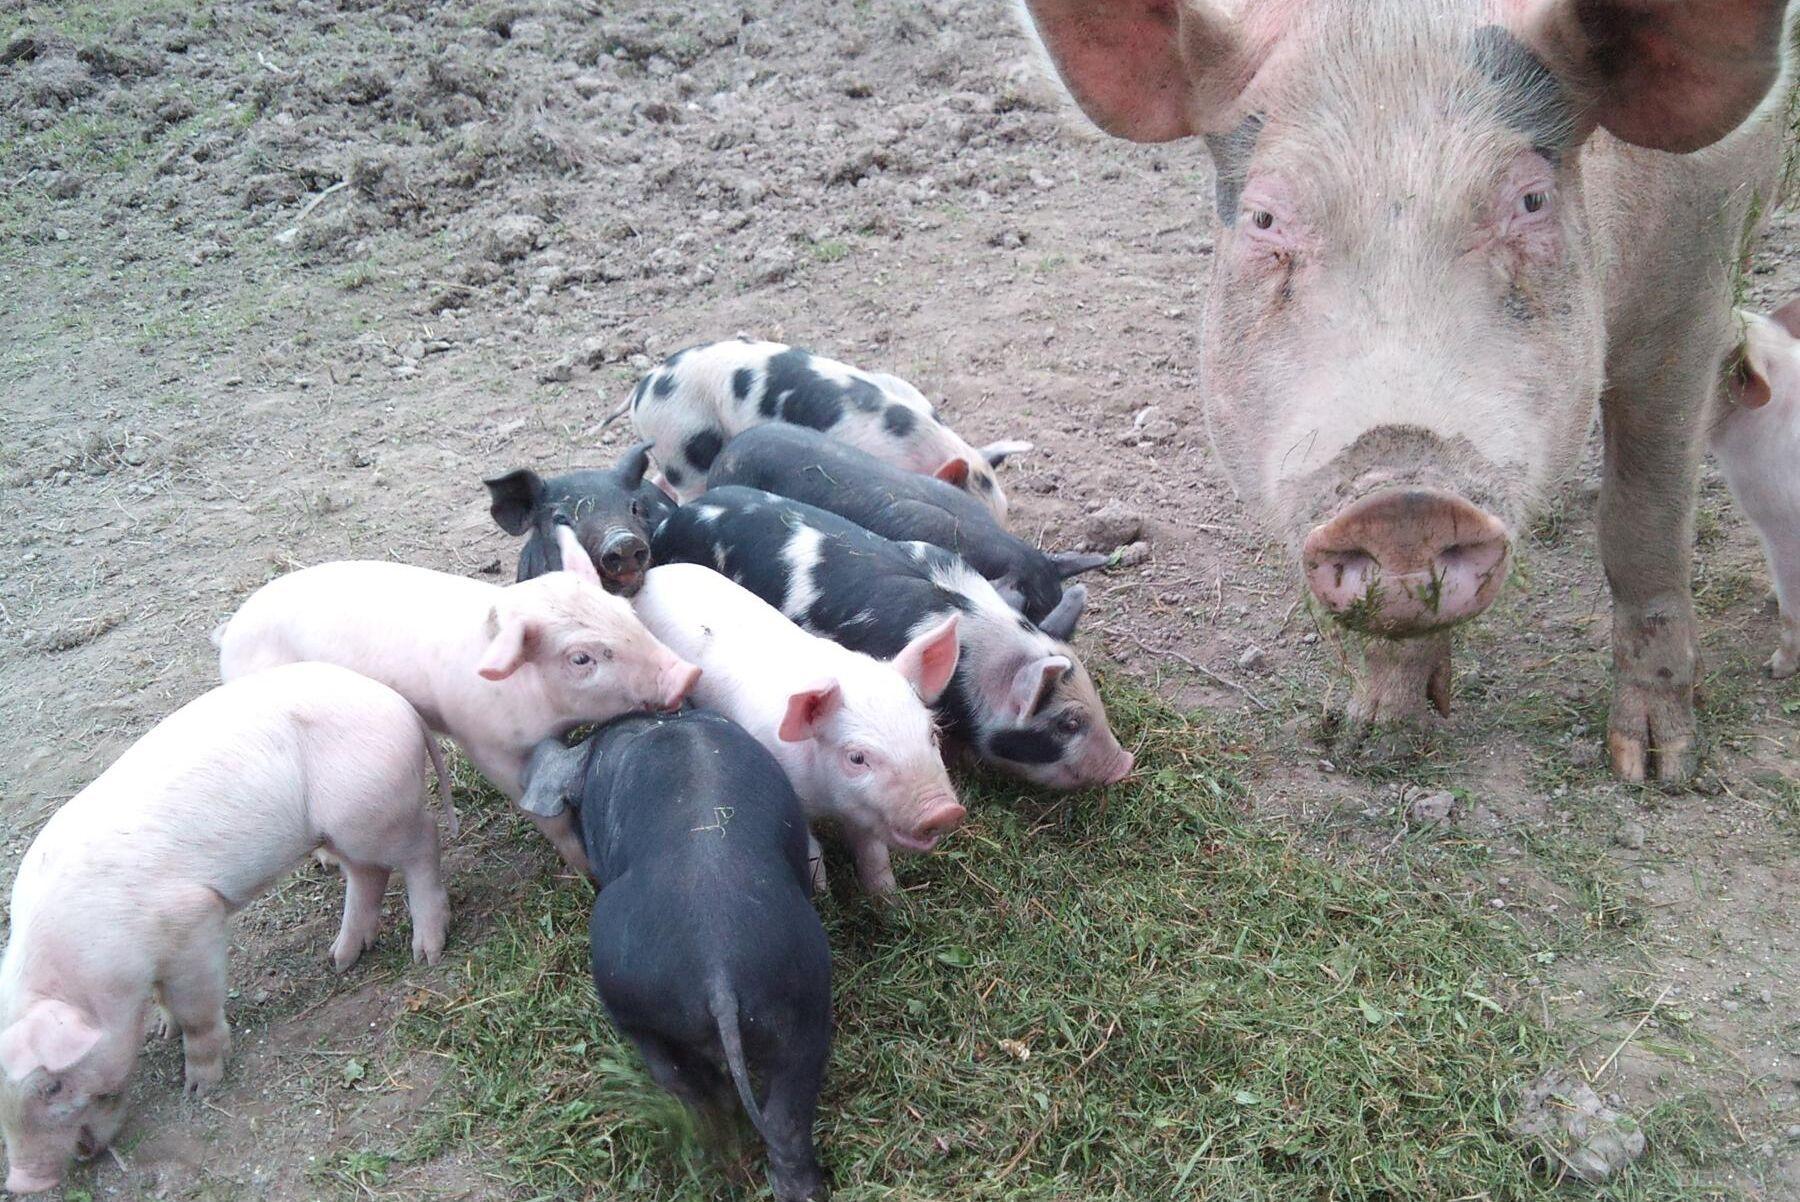 Kilopriset på ekogriskött har minskat kraftigt i Danmark.